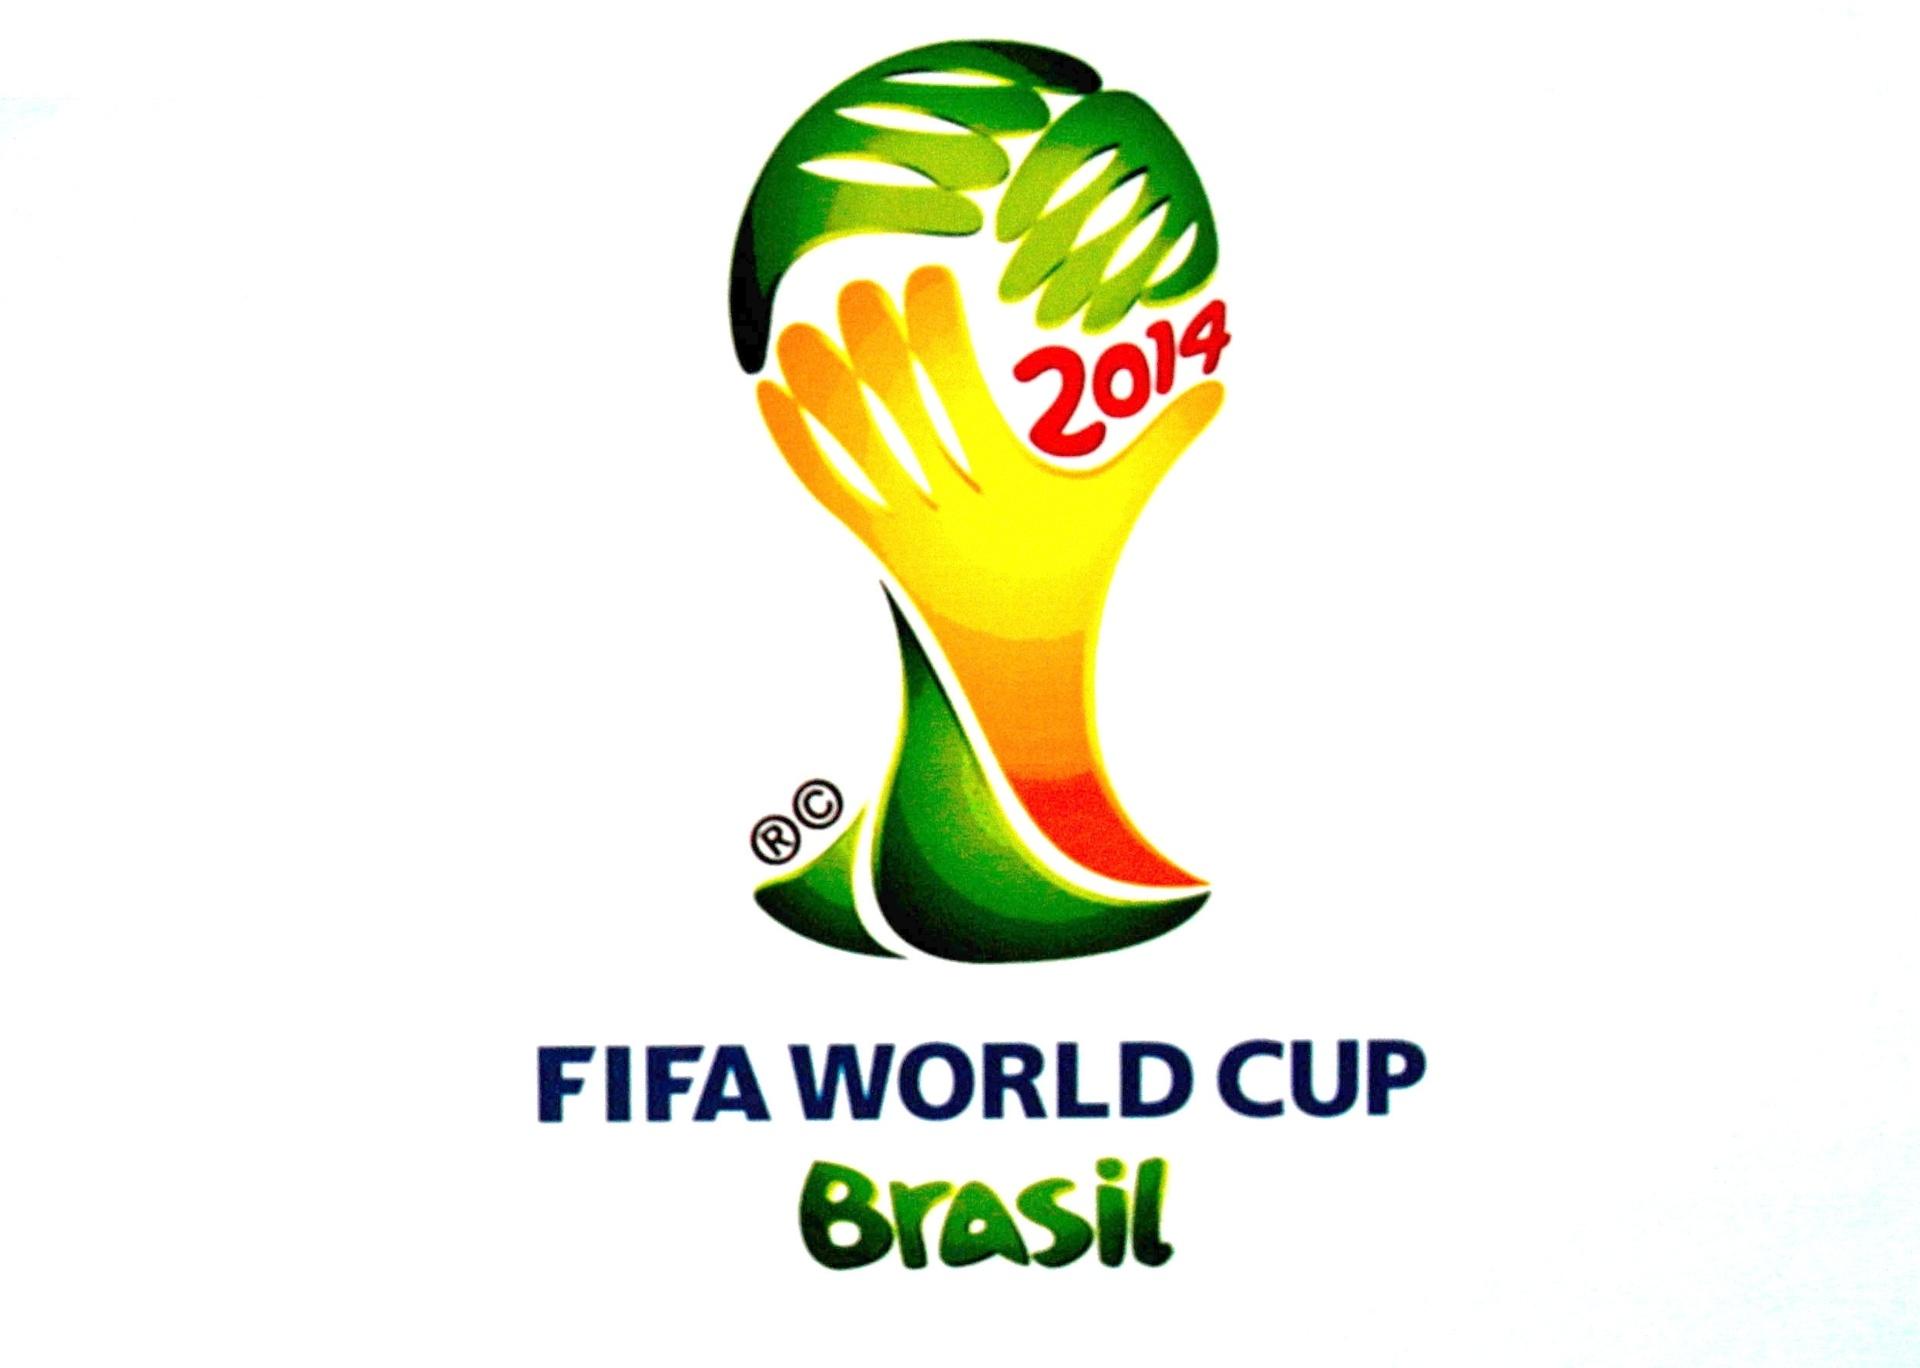 Golpe por e-mail usa ingresso da Copa do Mundo como isca para atrair vítima